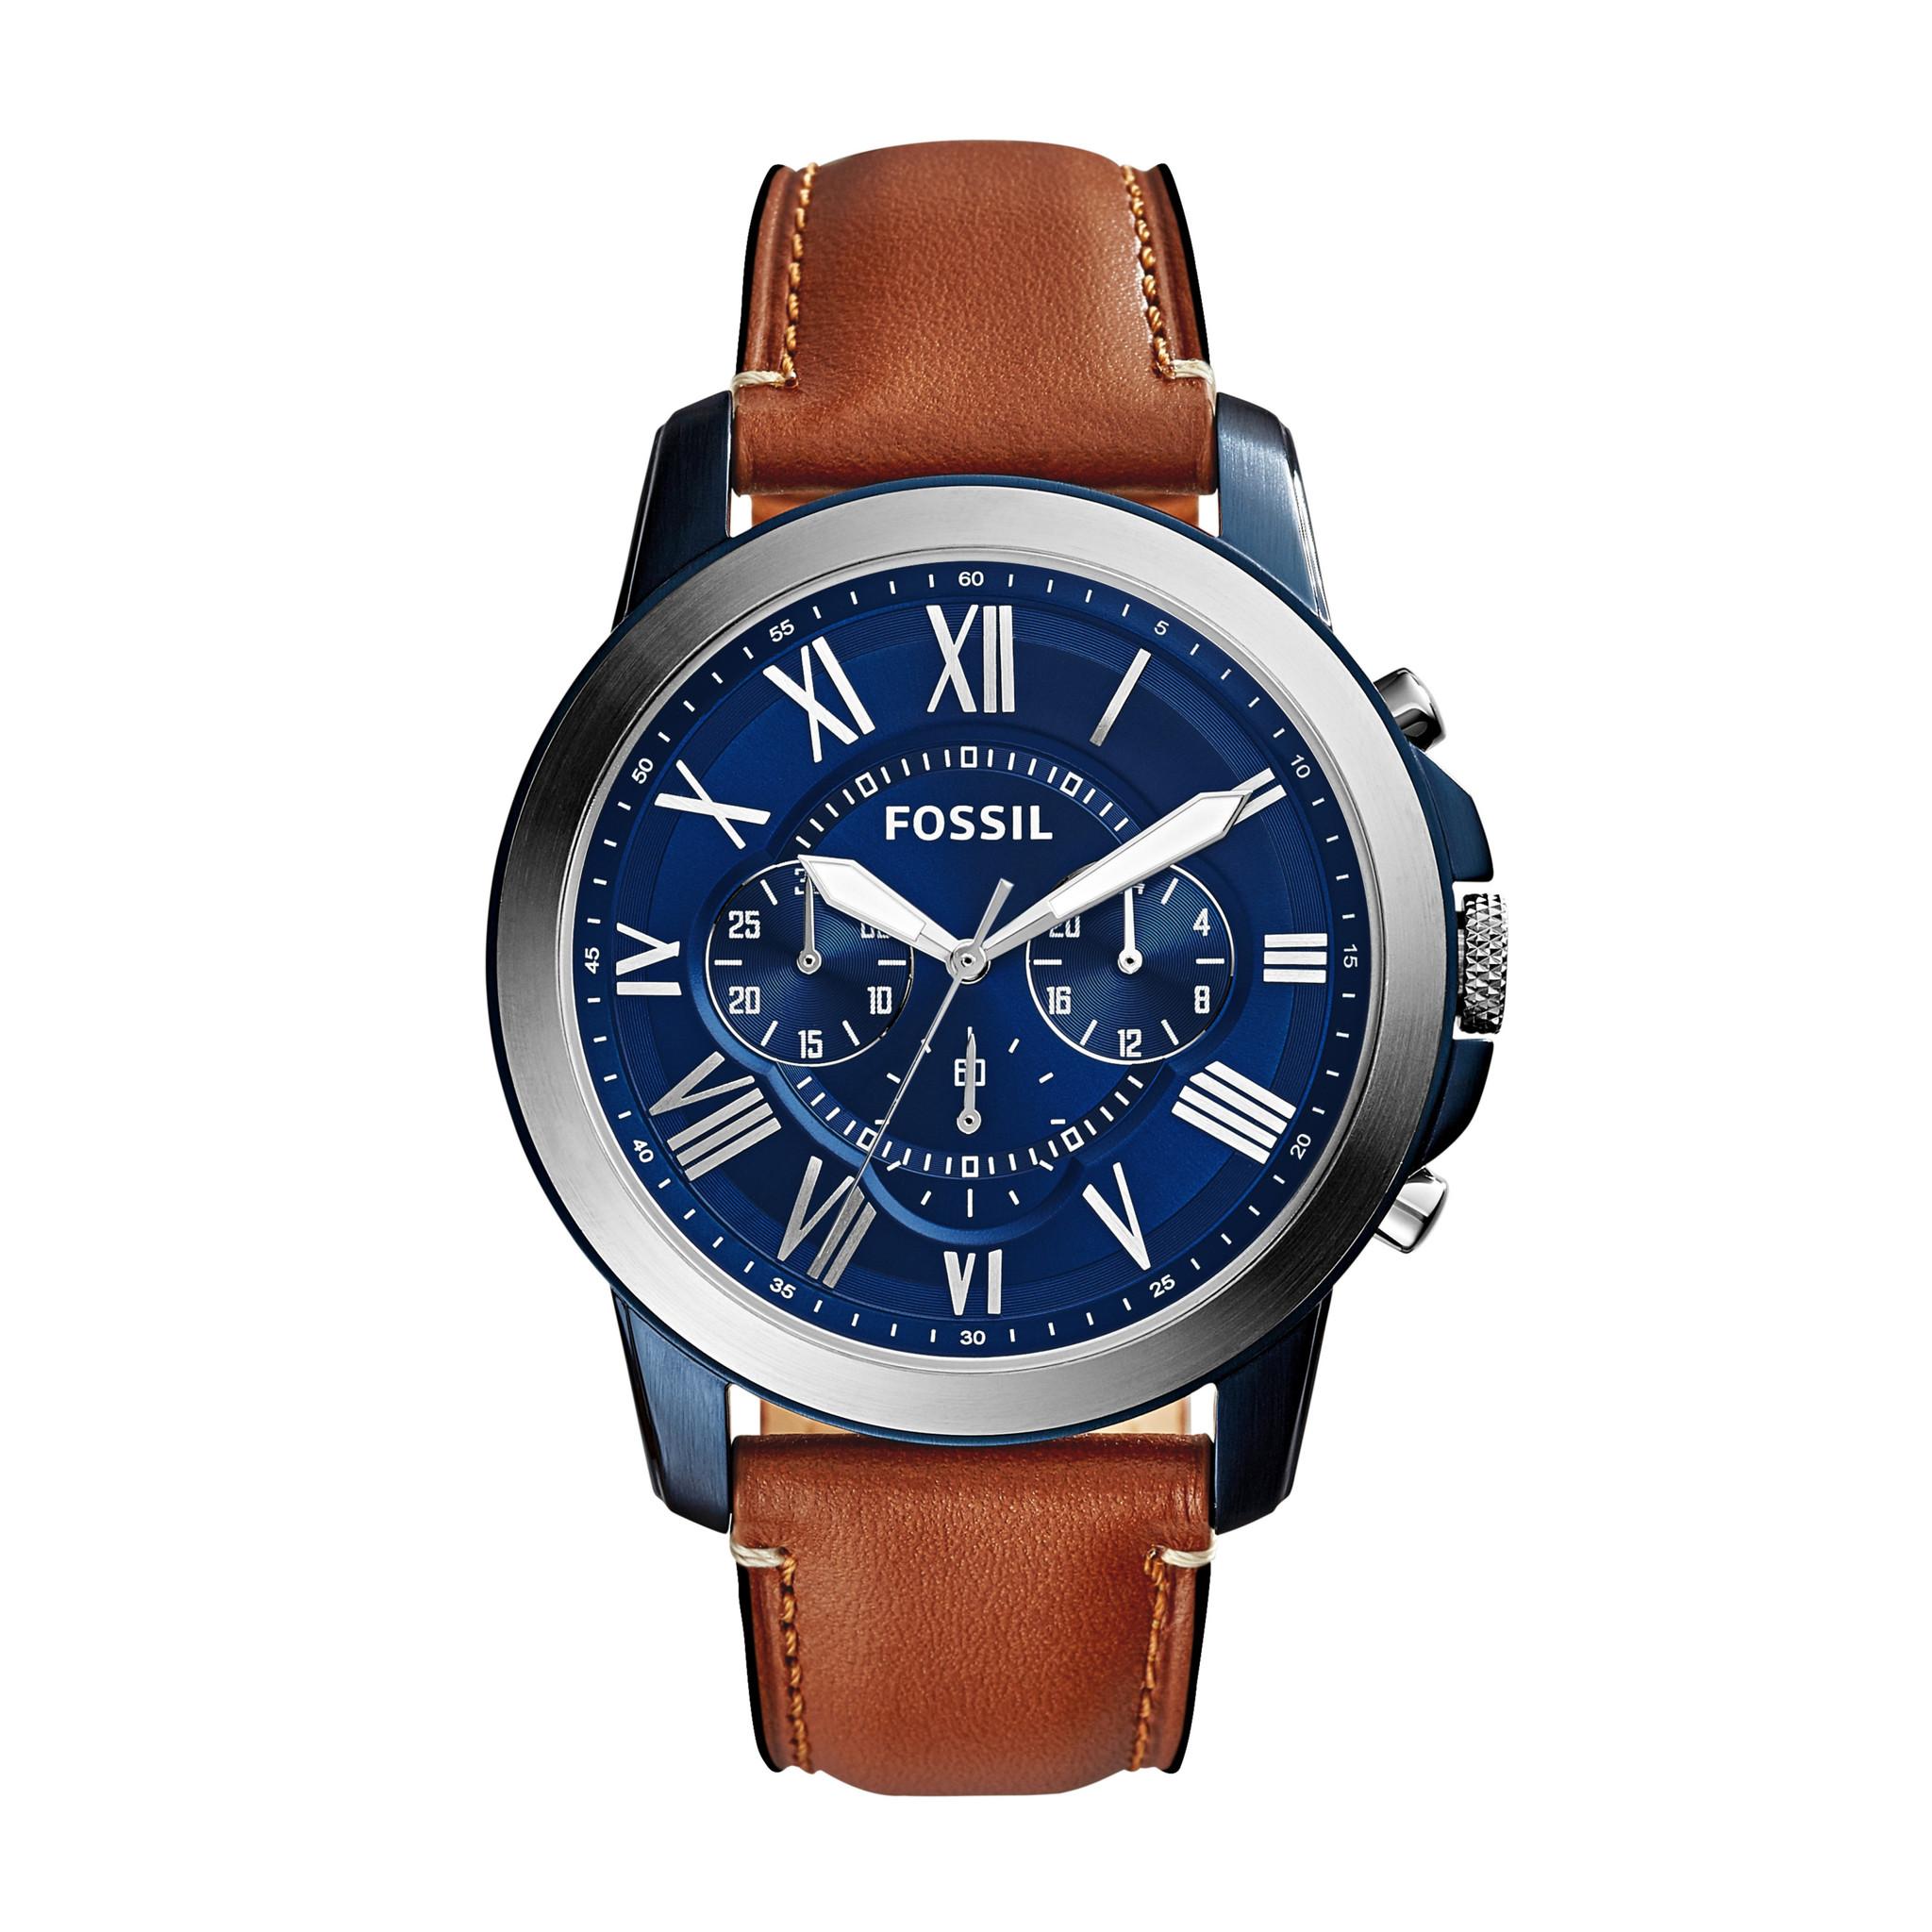 Grant Men's Watch FS5151-5